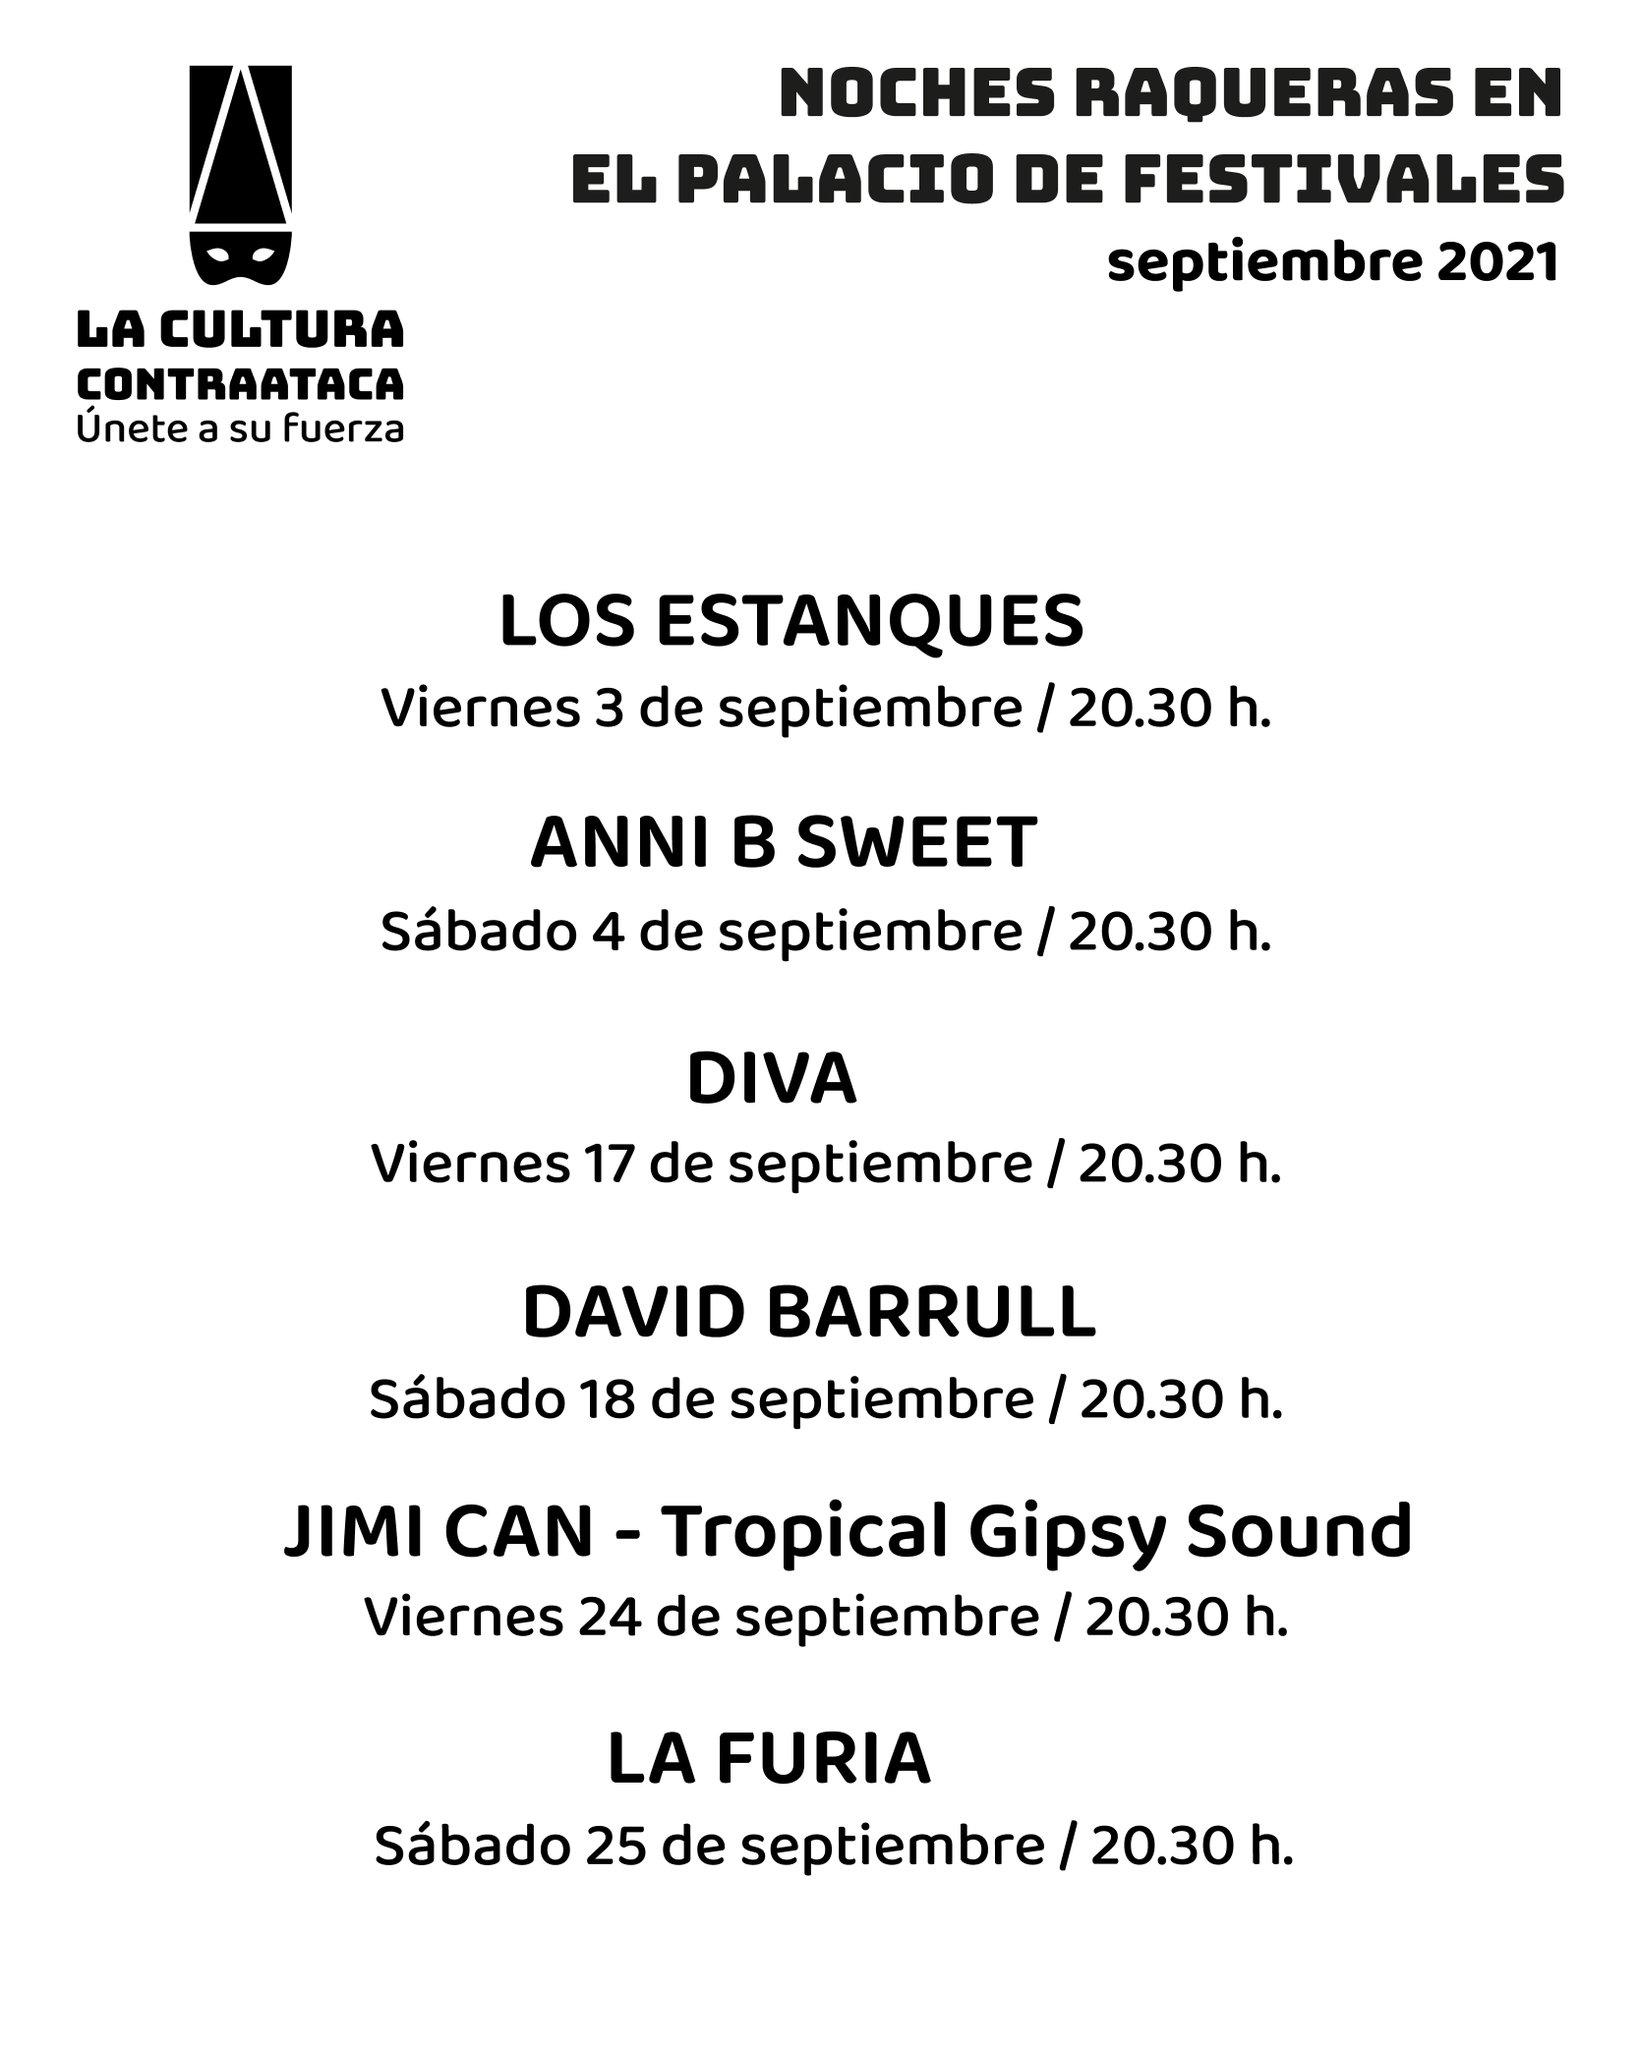 II edición de las Noches Raqueras en el Palacio de Festivales